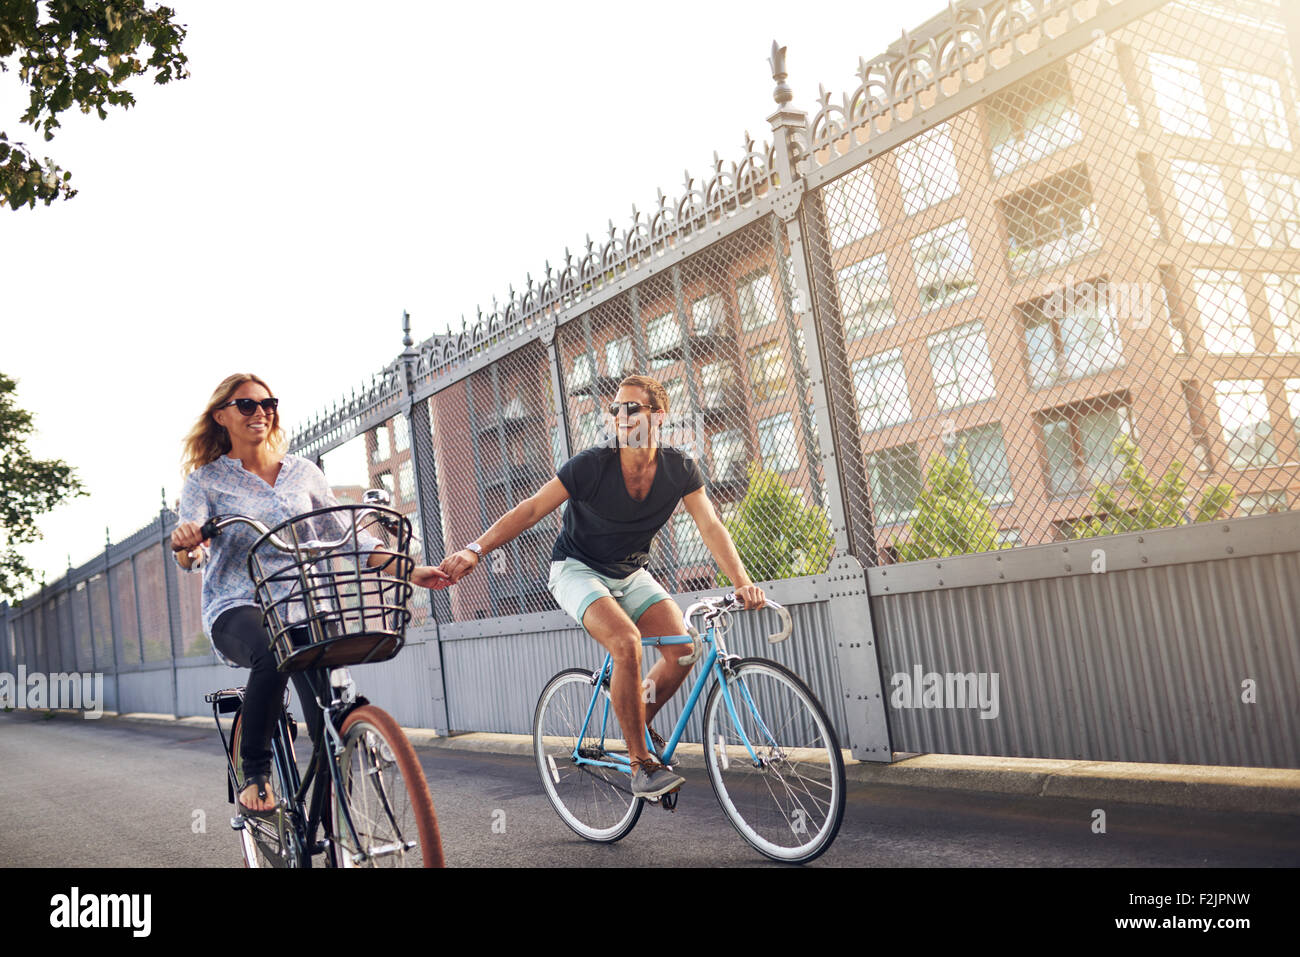 Pareja romántica cogidos de la mano, ya que ir en bicicleta montando sus bicicletas abajo una calle urbana, Imagen De Stock